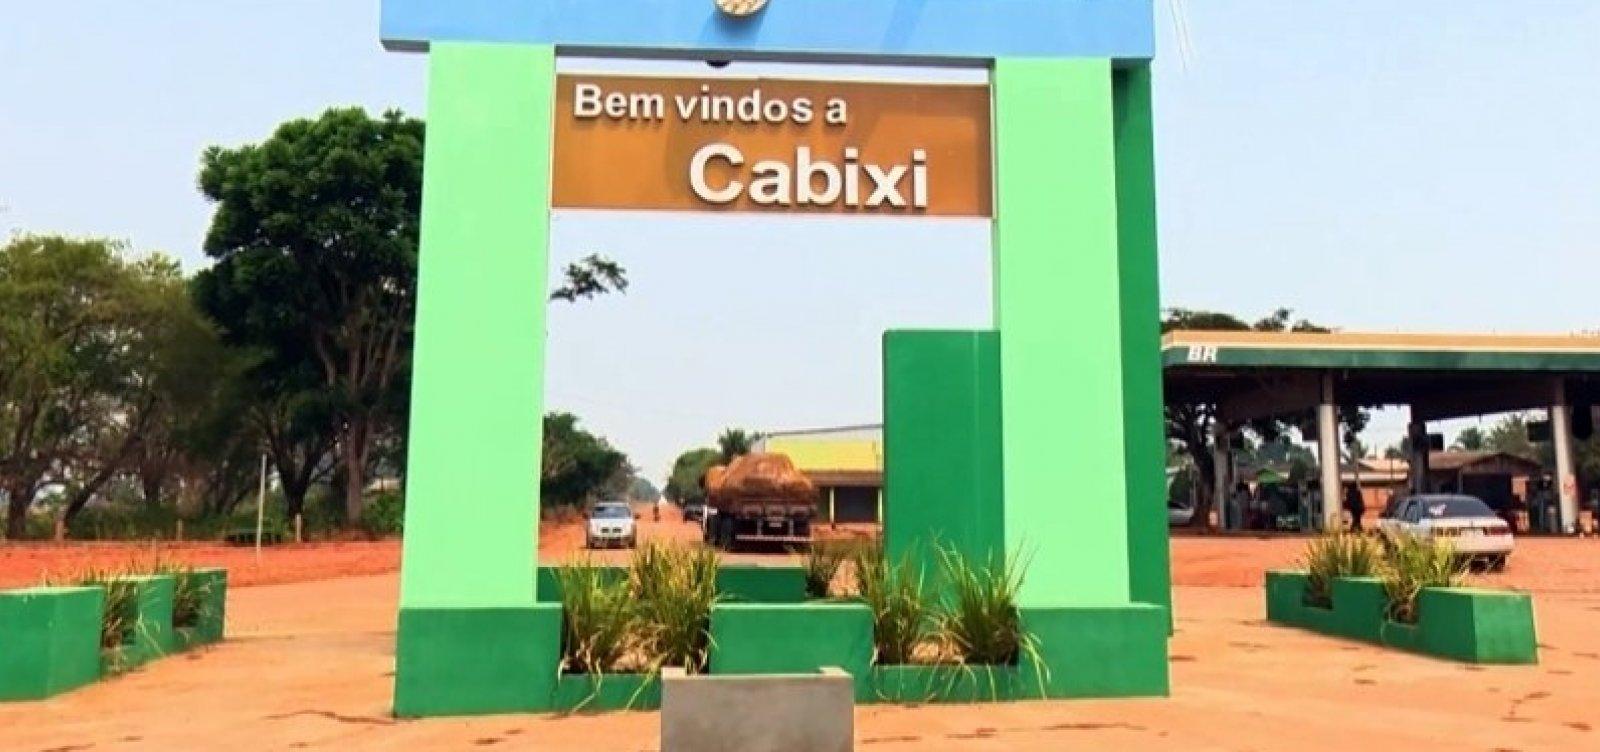 [Professor acusado de abusar de alunas é condenado a 100 anos de prisão em Rondônia]